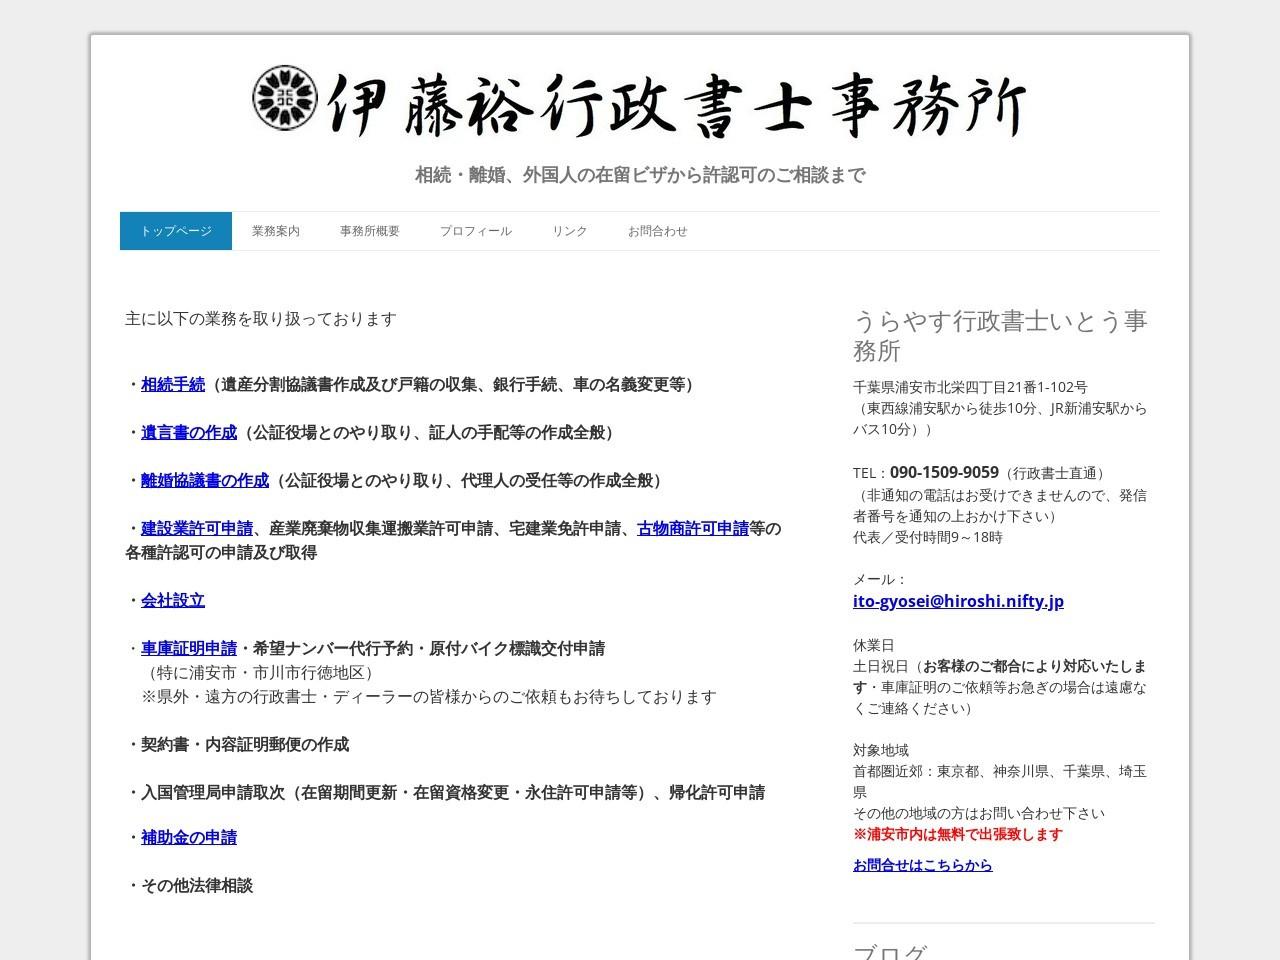 伊藤裕行政書士事務所